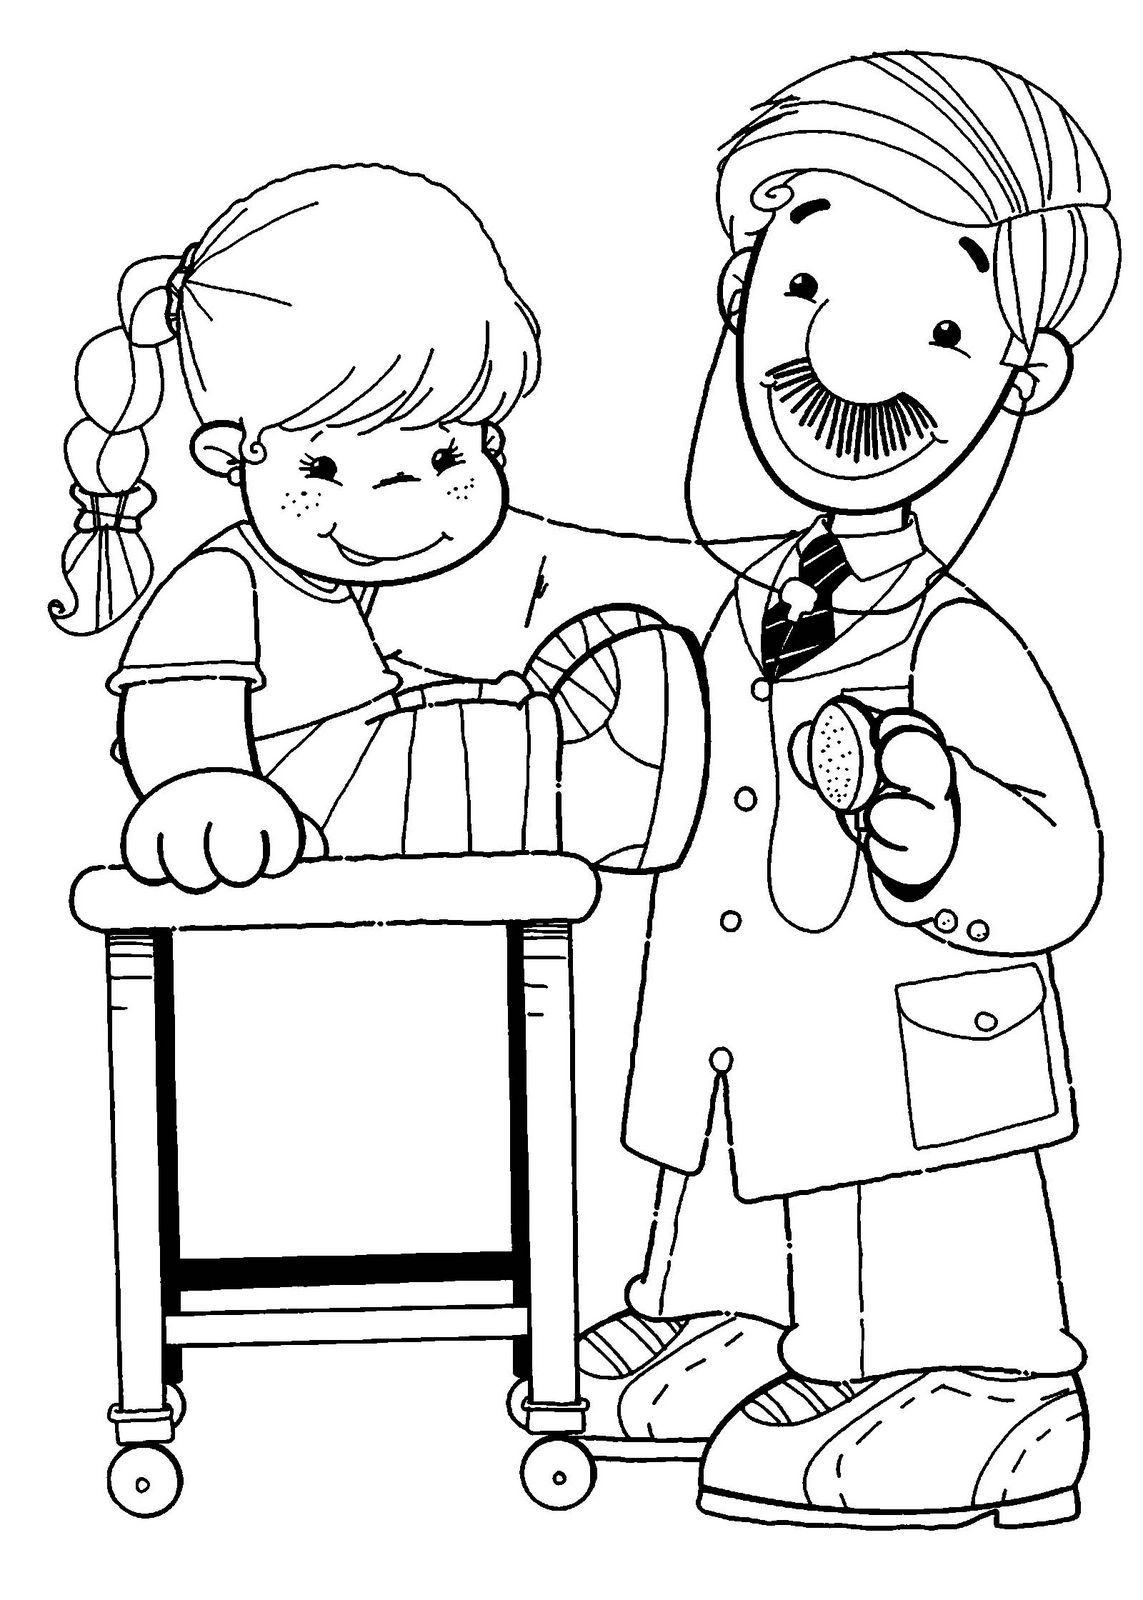 Recursos Y Actividades Para Educacion Infantil Dibujos De Los Derechos De Los Ninos Deberes De Los Ninos Derechos De Los Ninos Doctor Para Colorear